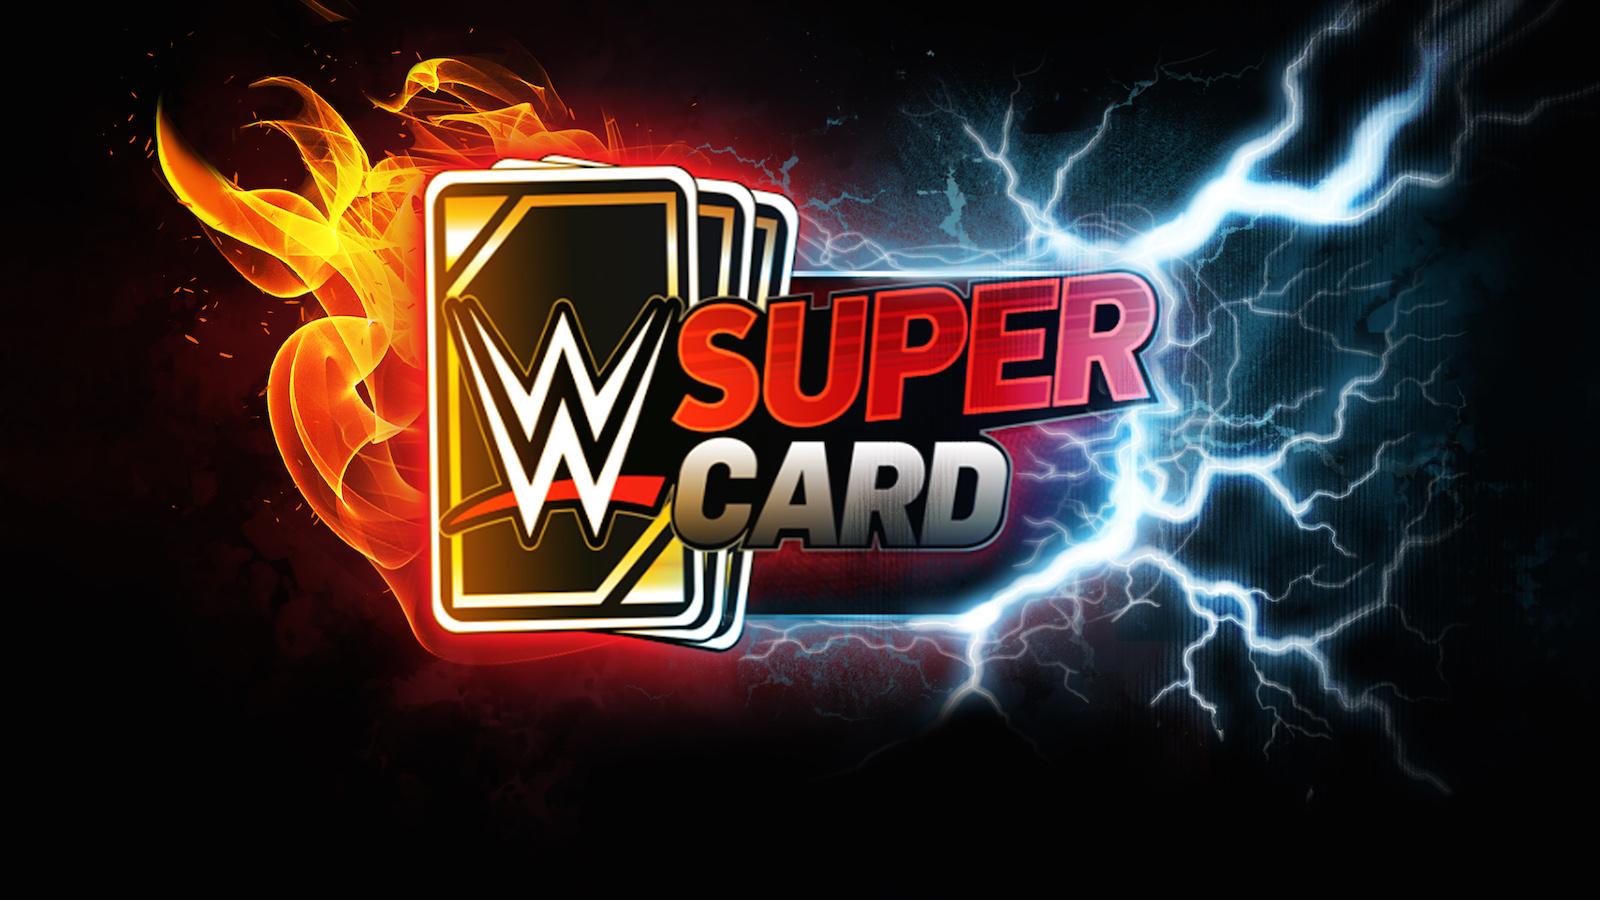 Wwe Supercard Les Cartes Summerslam 2018 Arrivent Cette Semaine